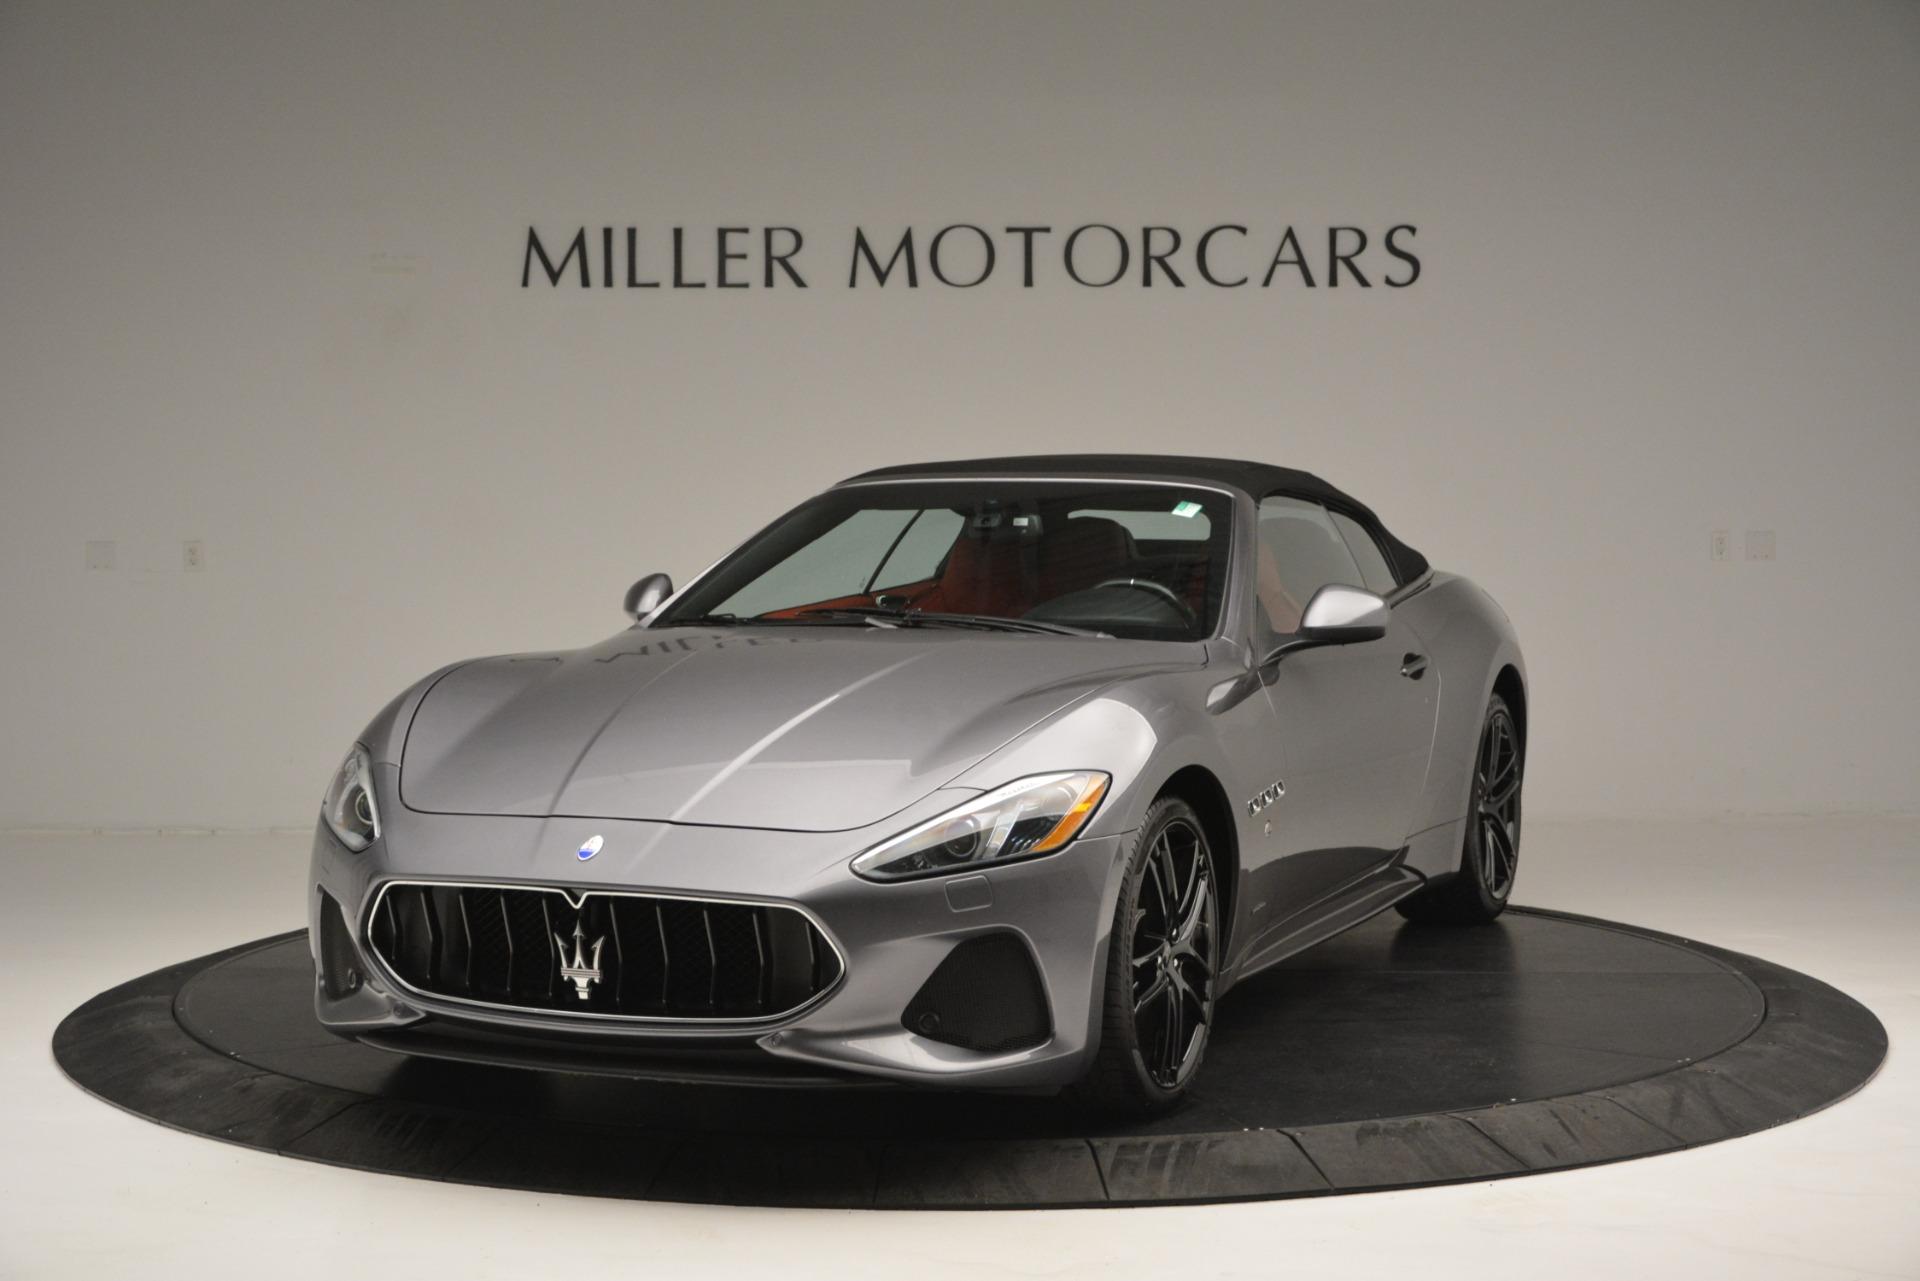 Used 2018 Maserati GranTurismo Sport For Sale In Westport, CT 2637_p10